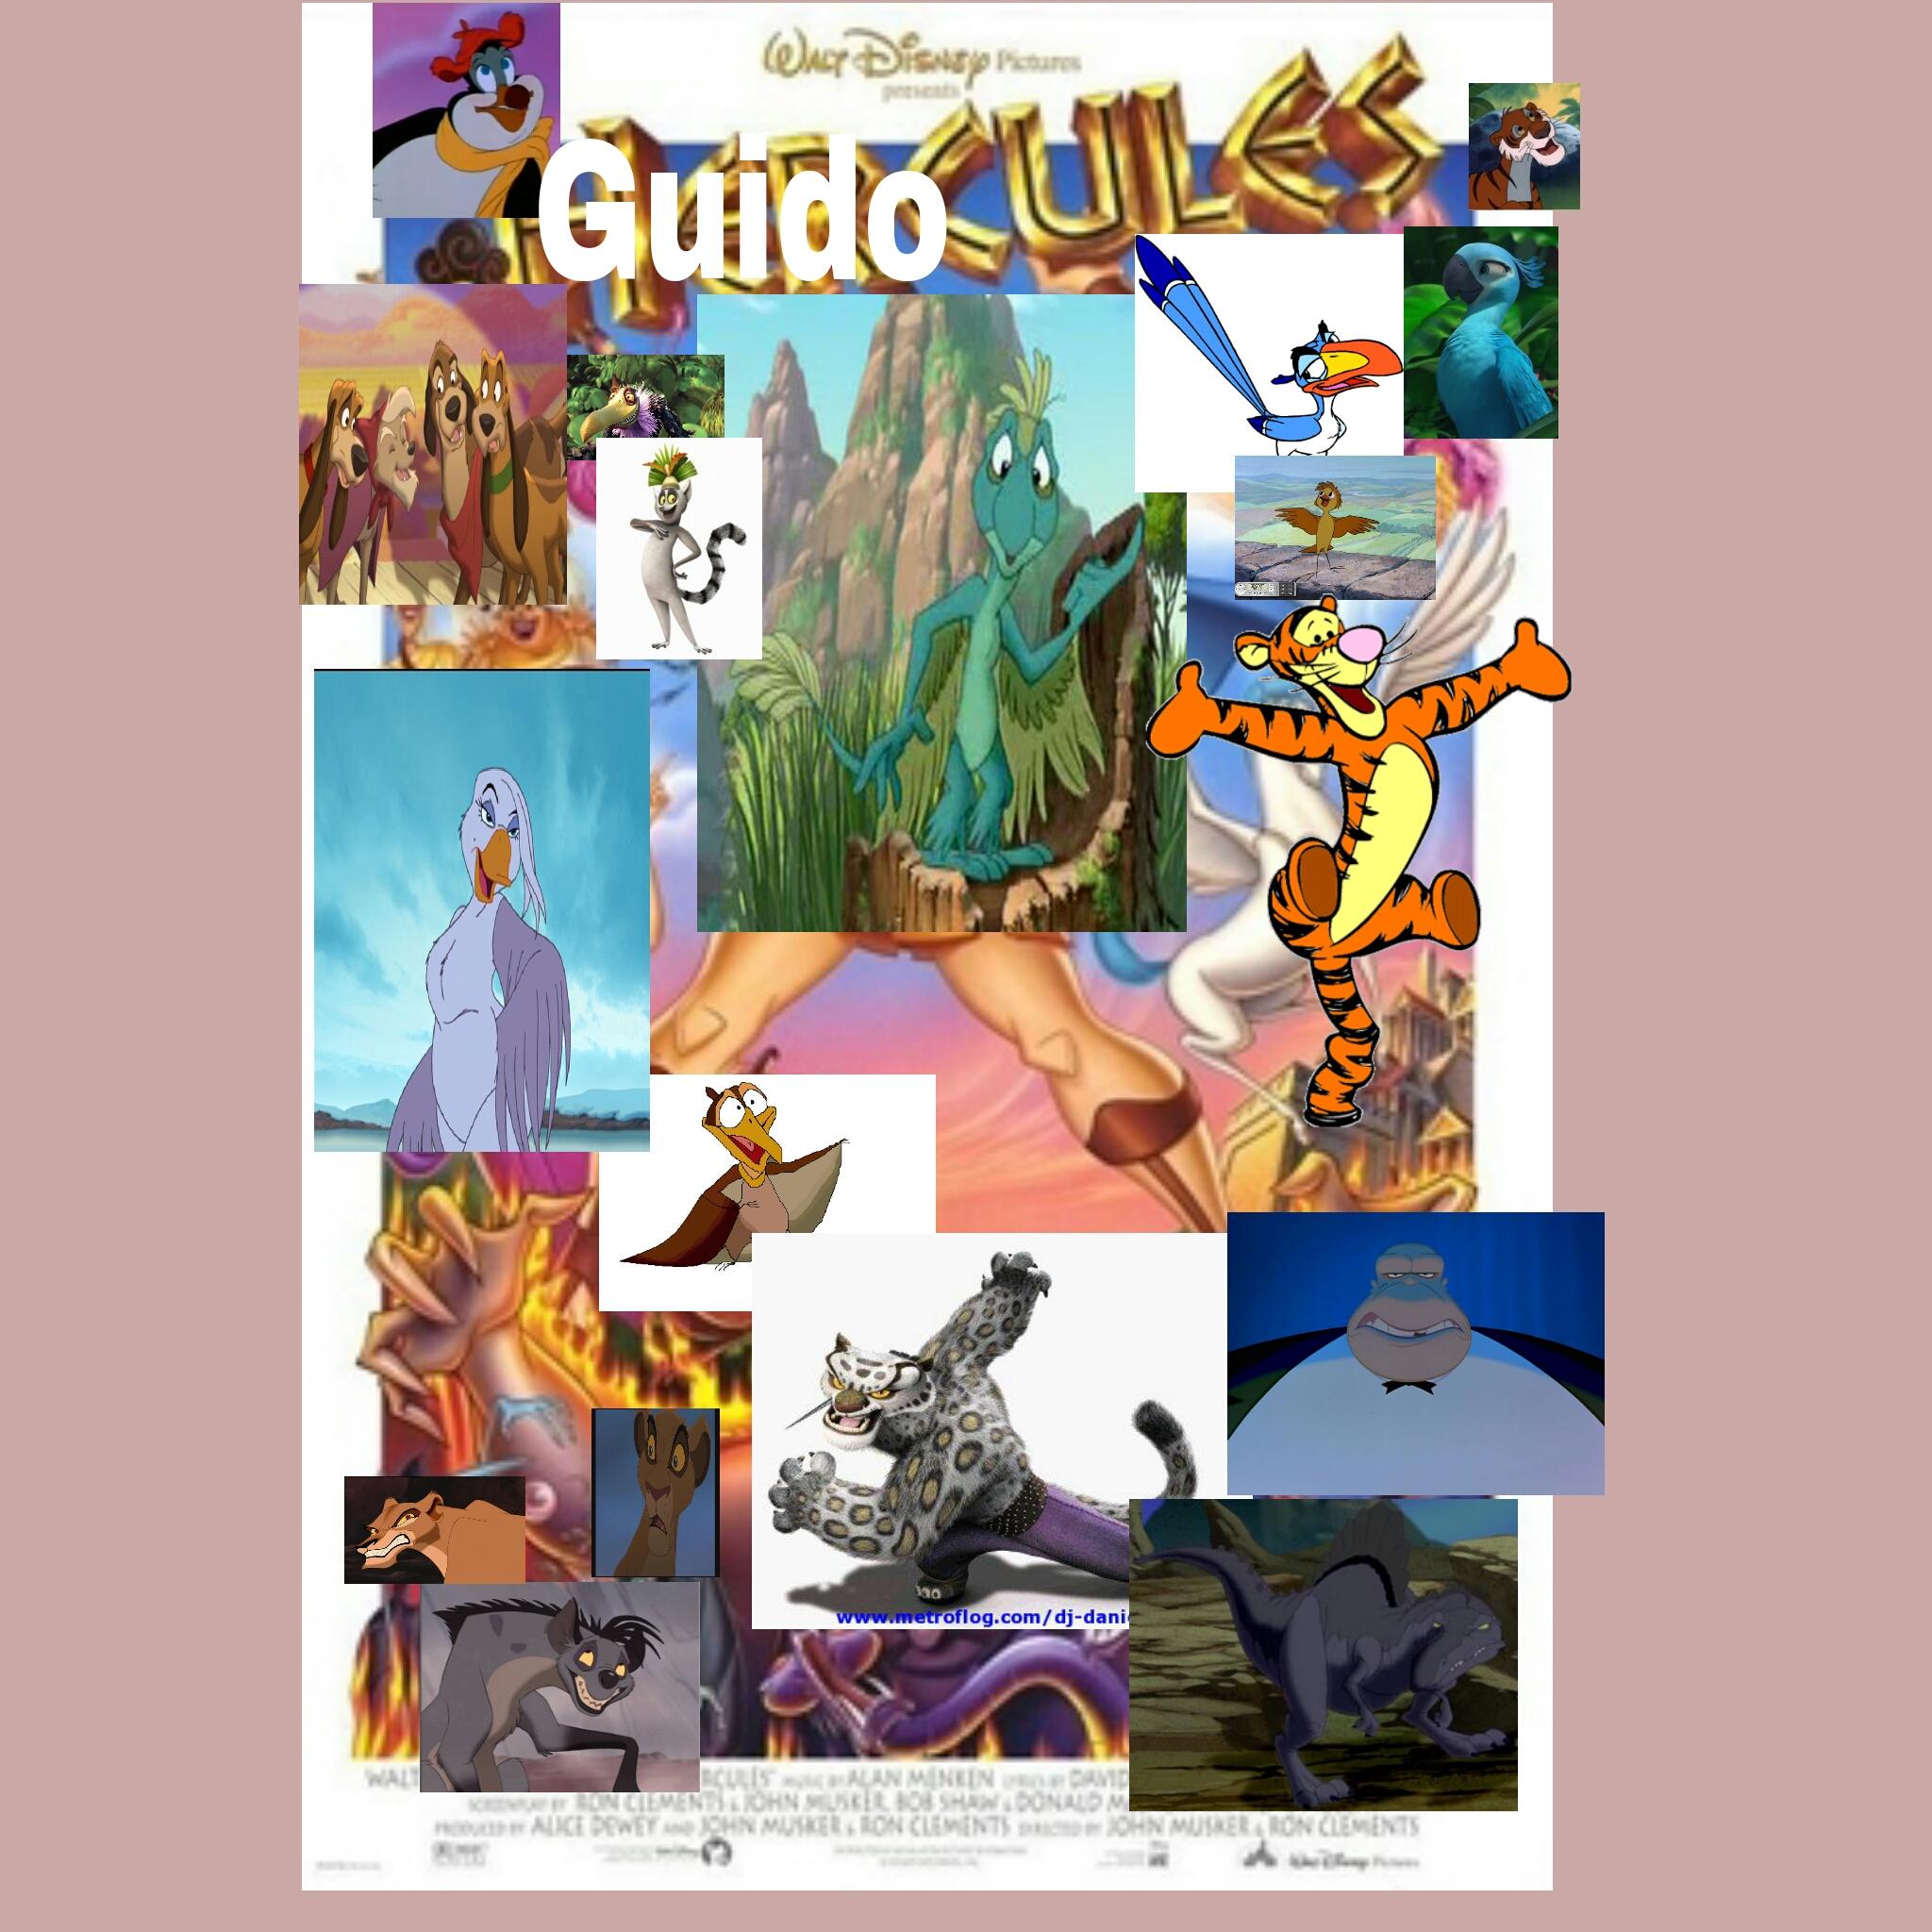 Guidocules